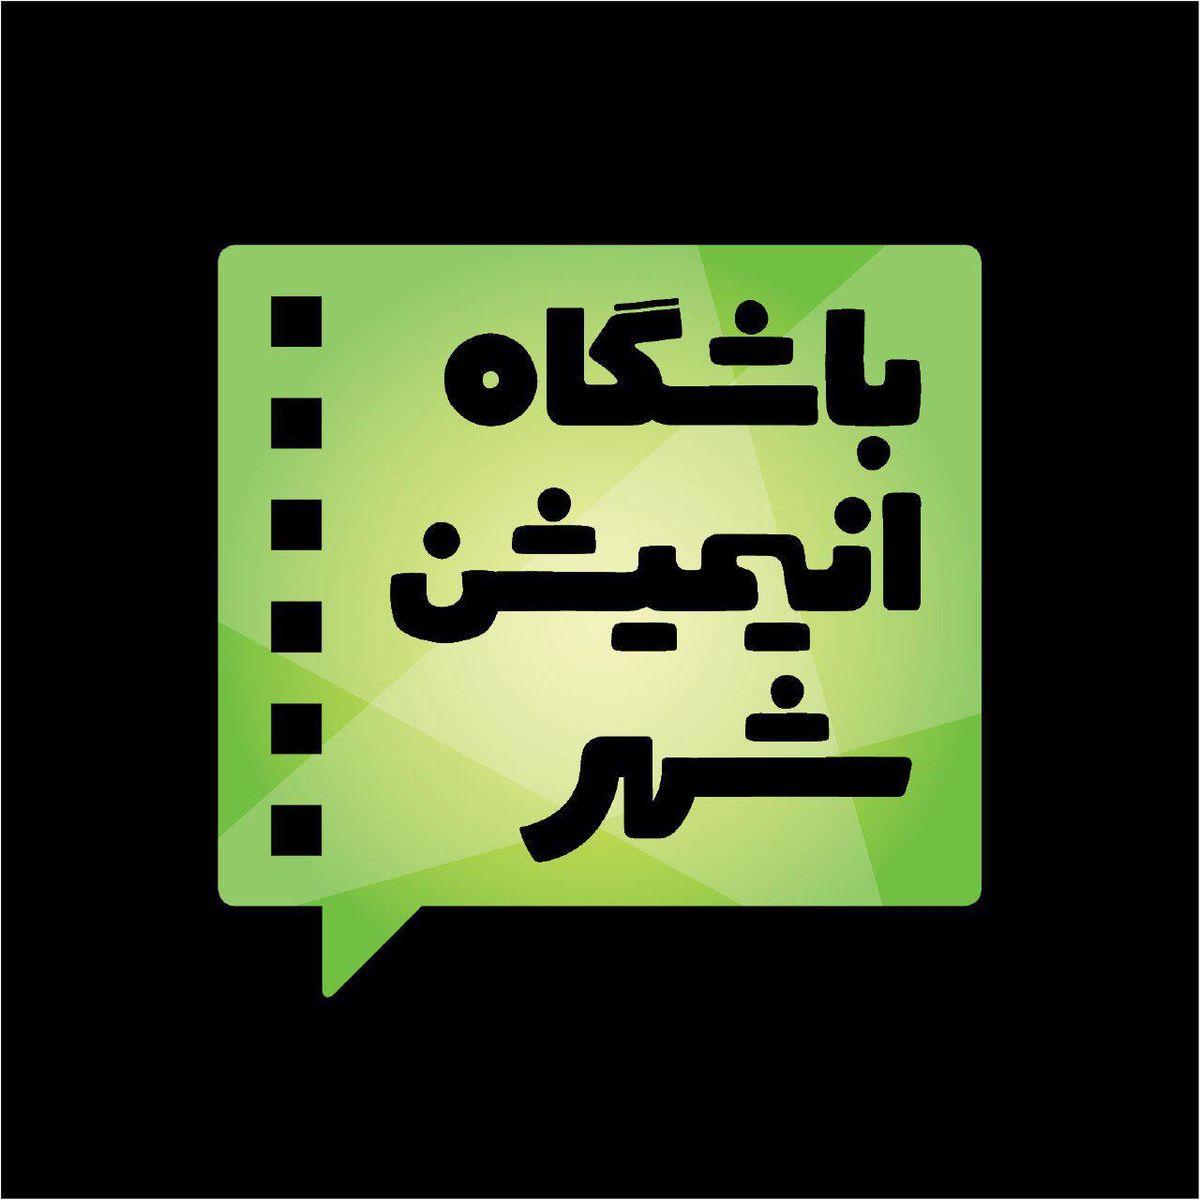 کارگاه یک روزه تولید انیمیشن در ایوان شمس برگزار میشود